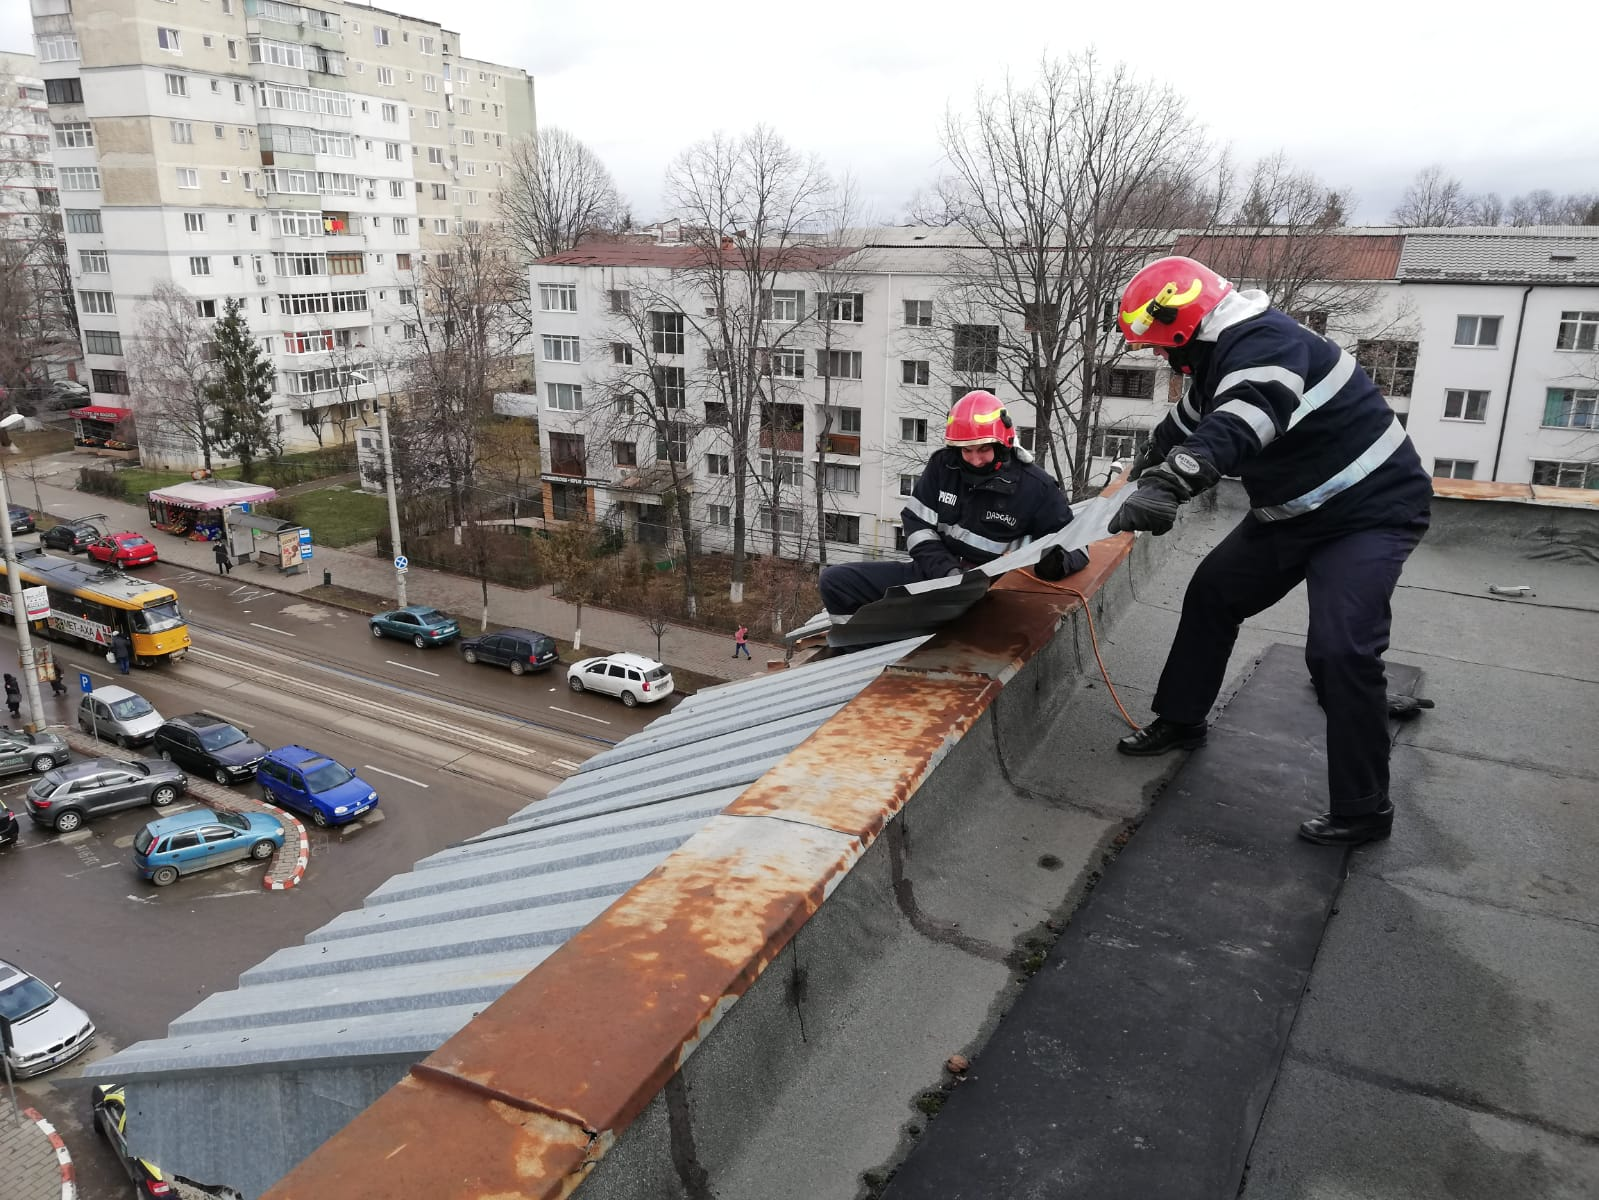 Ca urmare a manifestării fenomenelor meteorologice au avut loc zeci de intervenţii ale pompierilor, în urma apelurilor laserviciul de urgență